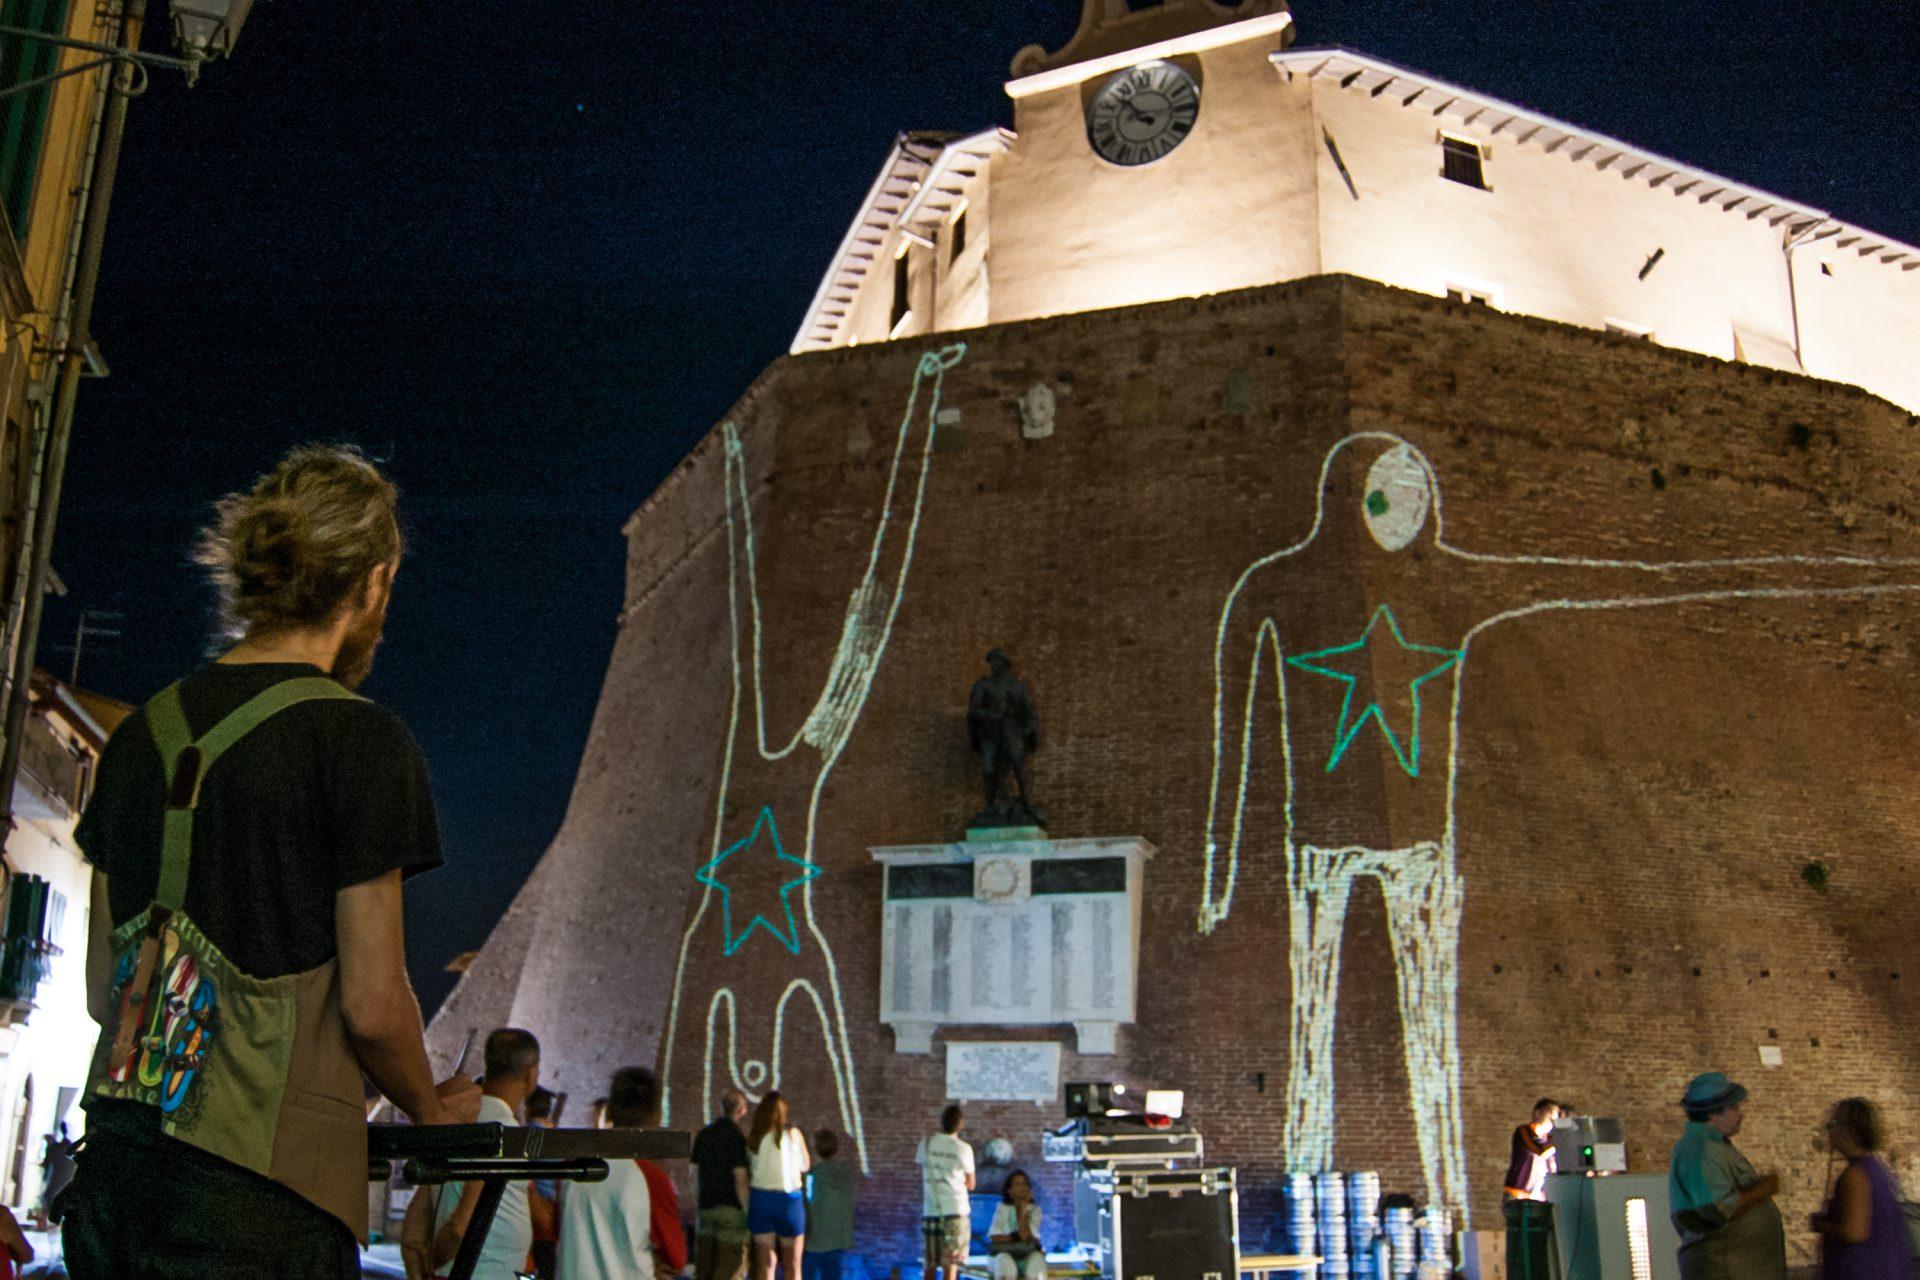 Disegno segni — Festival Collinarea/Lari, Pisa, 2012